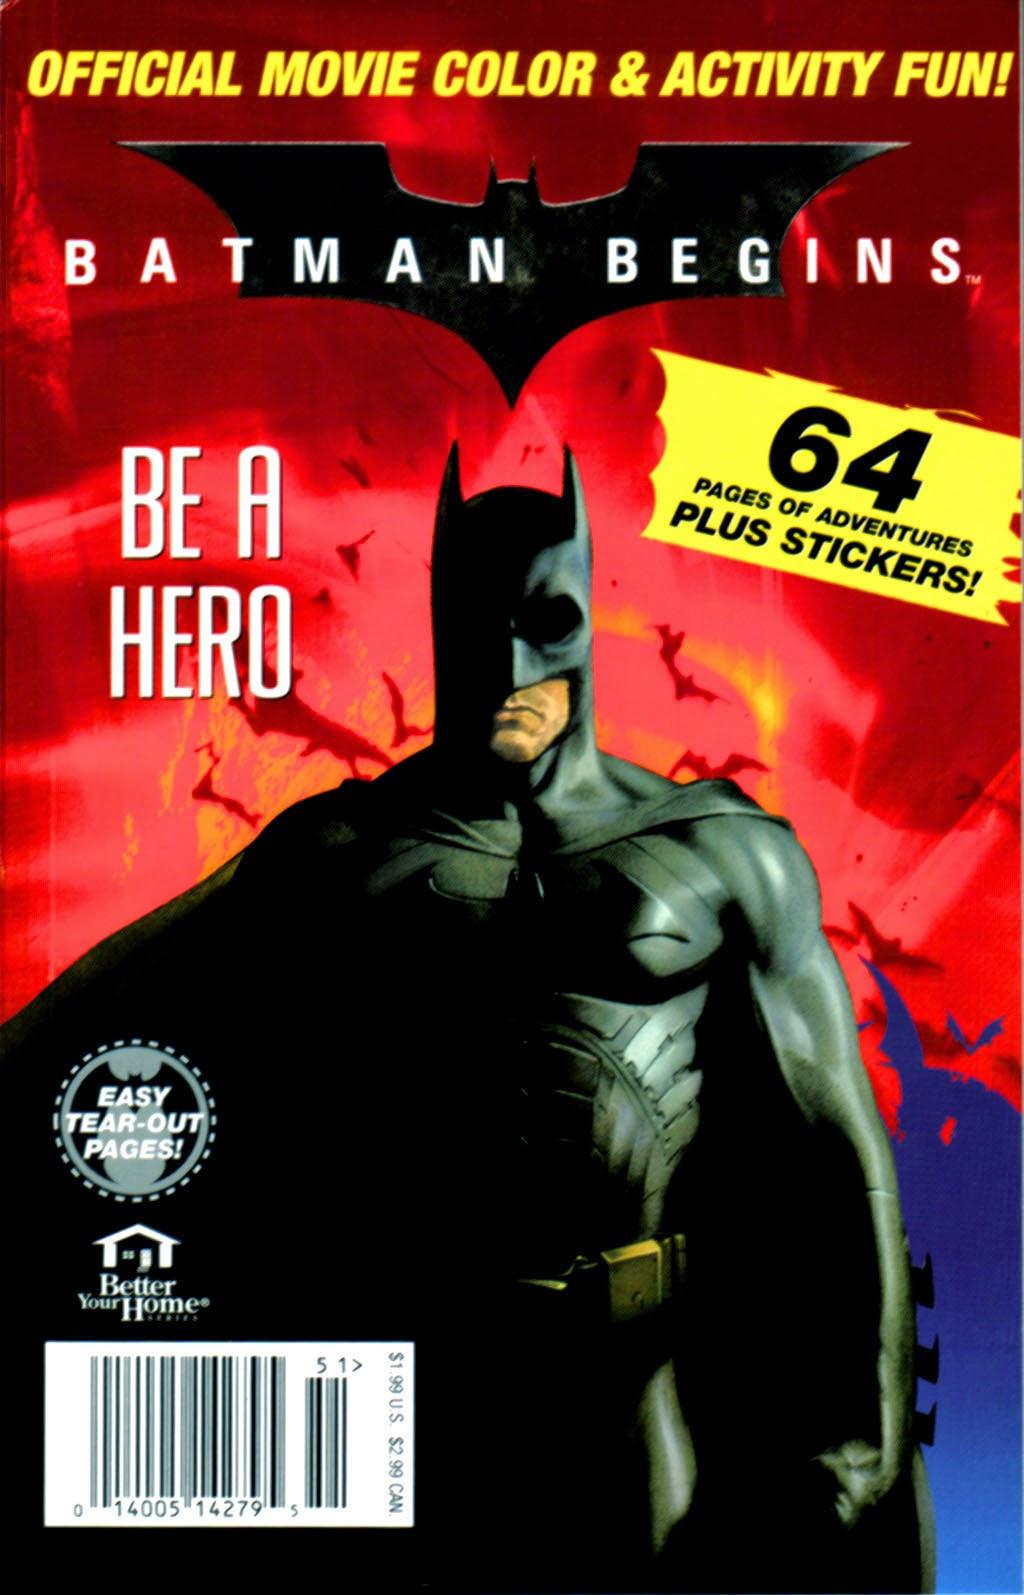 Gone Forgotten Batman Leads An Interesting Life The Batman Begins Activity Book